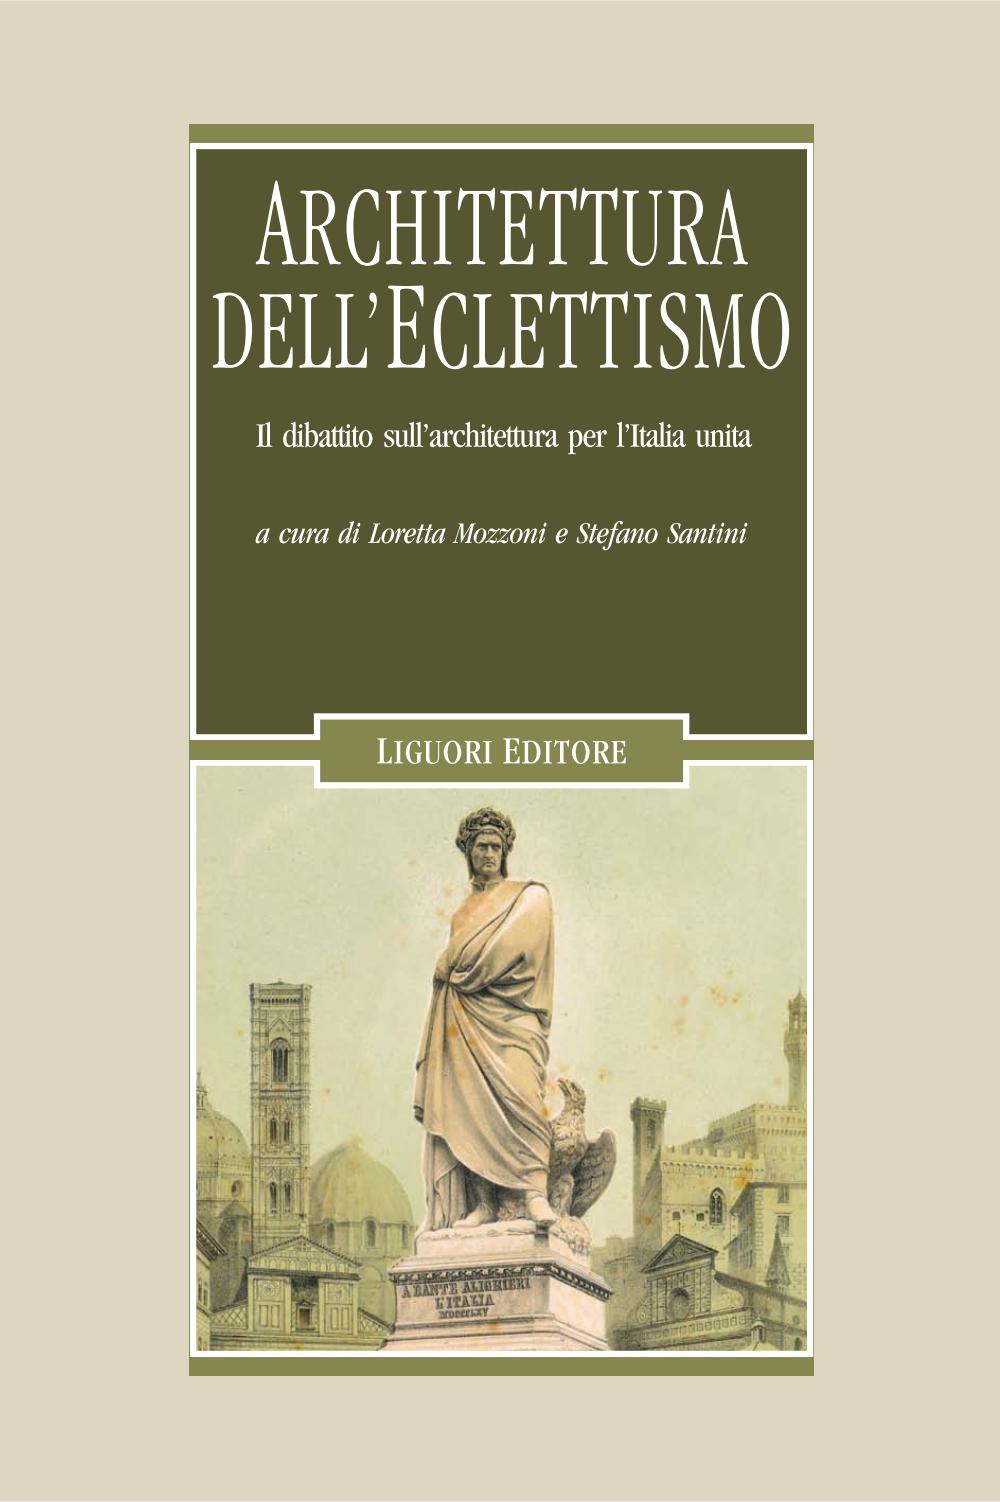 Architettura dell eclettismo il dibattito sull for Libri sull architettura